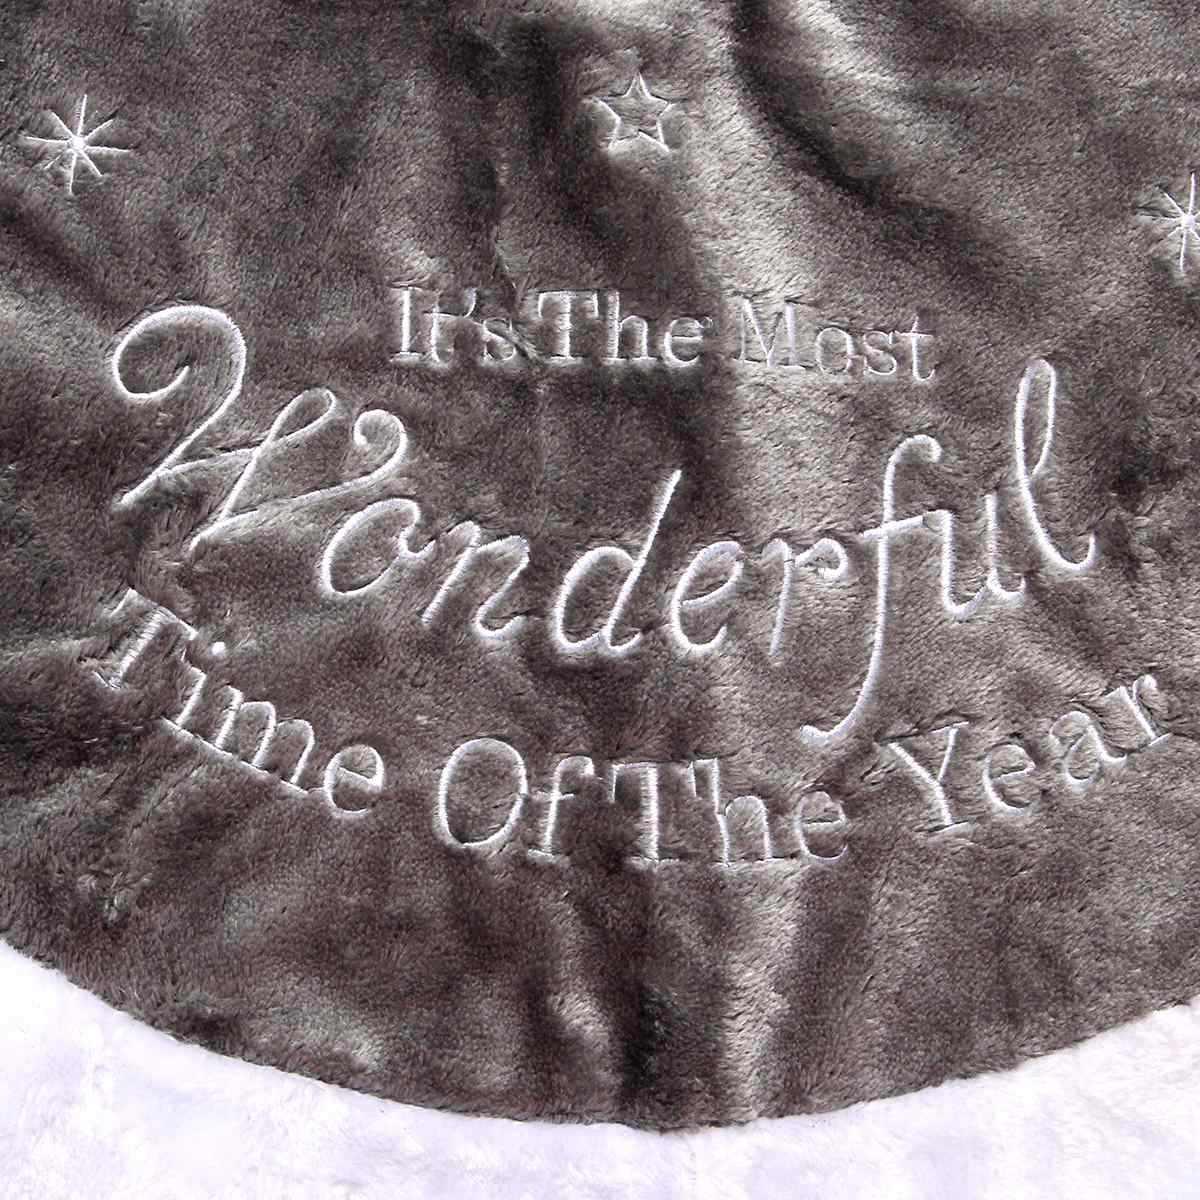 90 см серебряная Рождественская елка юбка фартук ручной массажер украшения плюшевая основа подушка для пола праздничные вечерние принадлежности